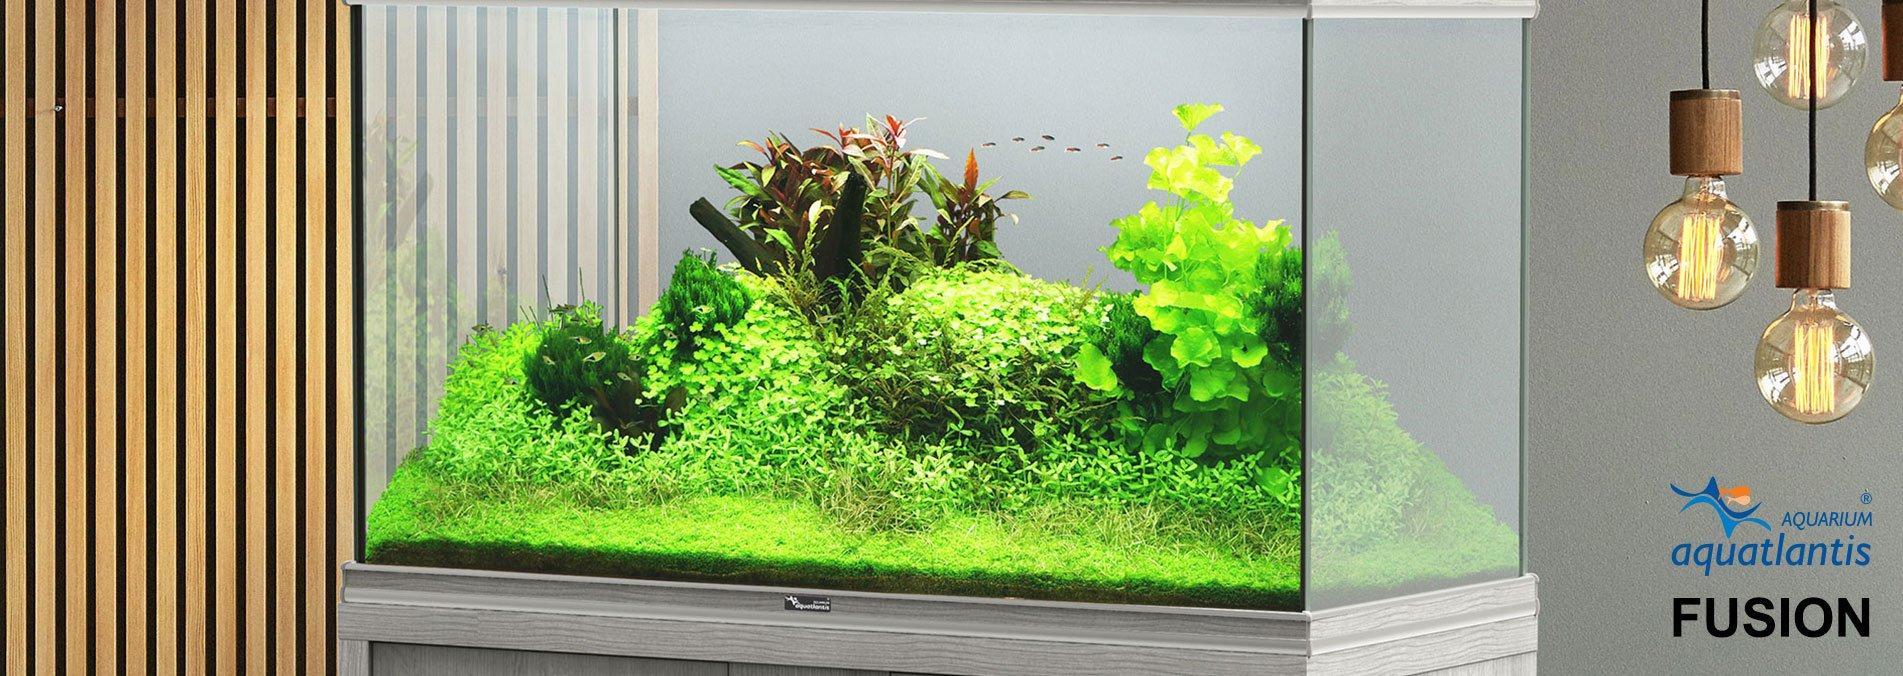 Aquatlantis Aquarium Online Shop, Bild 3